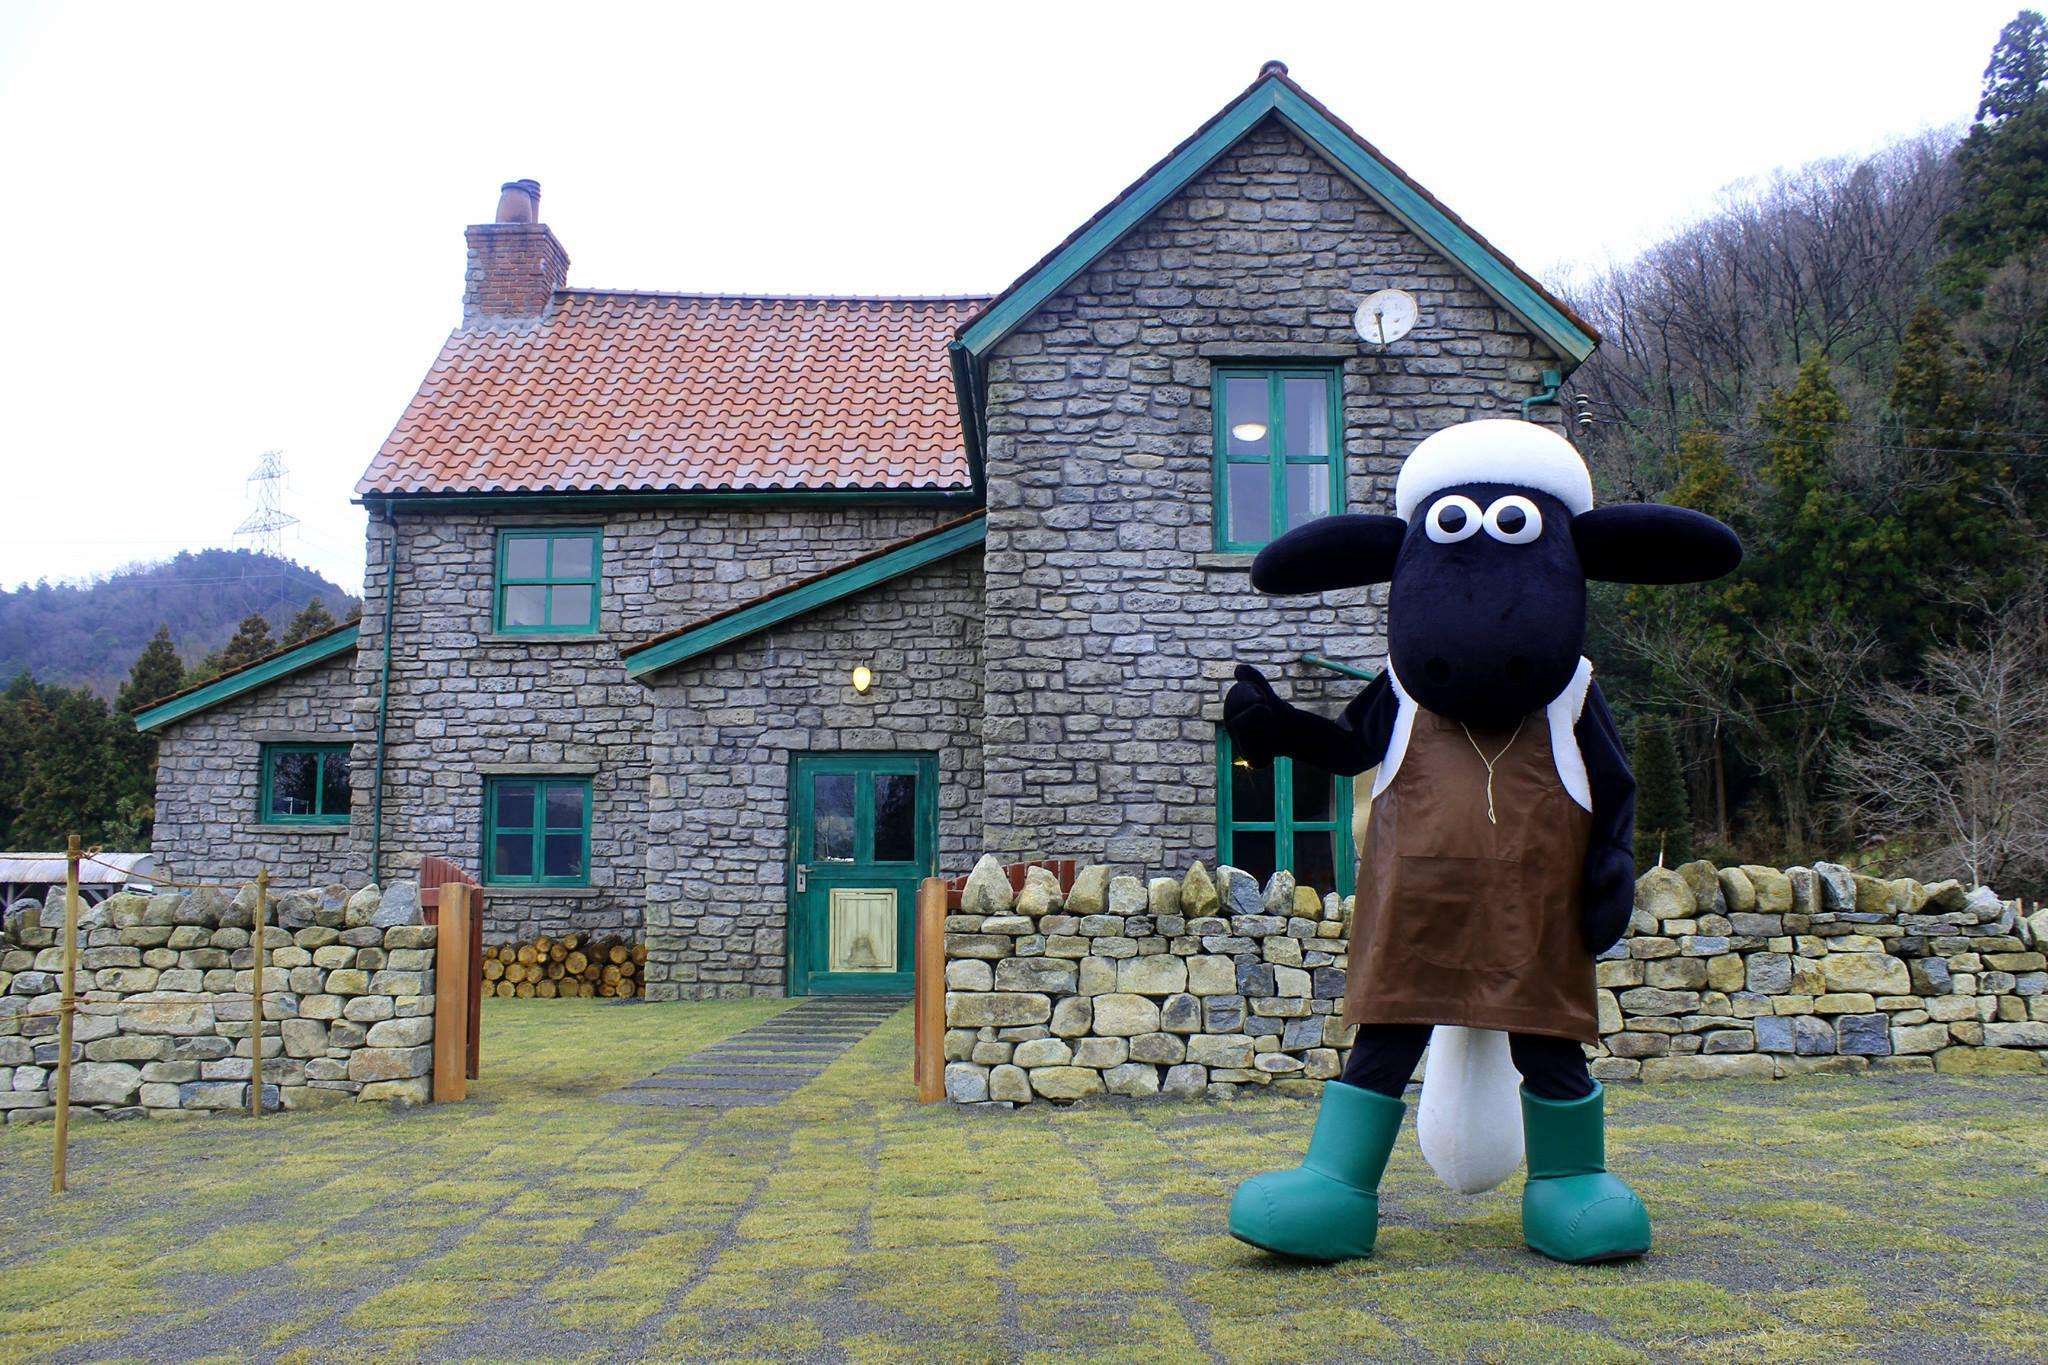 ฟาร์ม Shaun the Sheep Farm Garden ที่ญี่ปุ่น เปิดให้บริการแล้ว